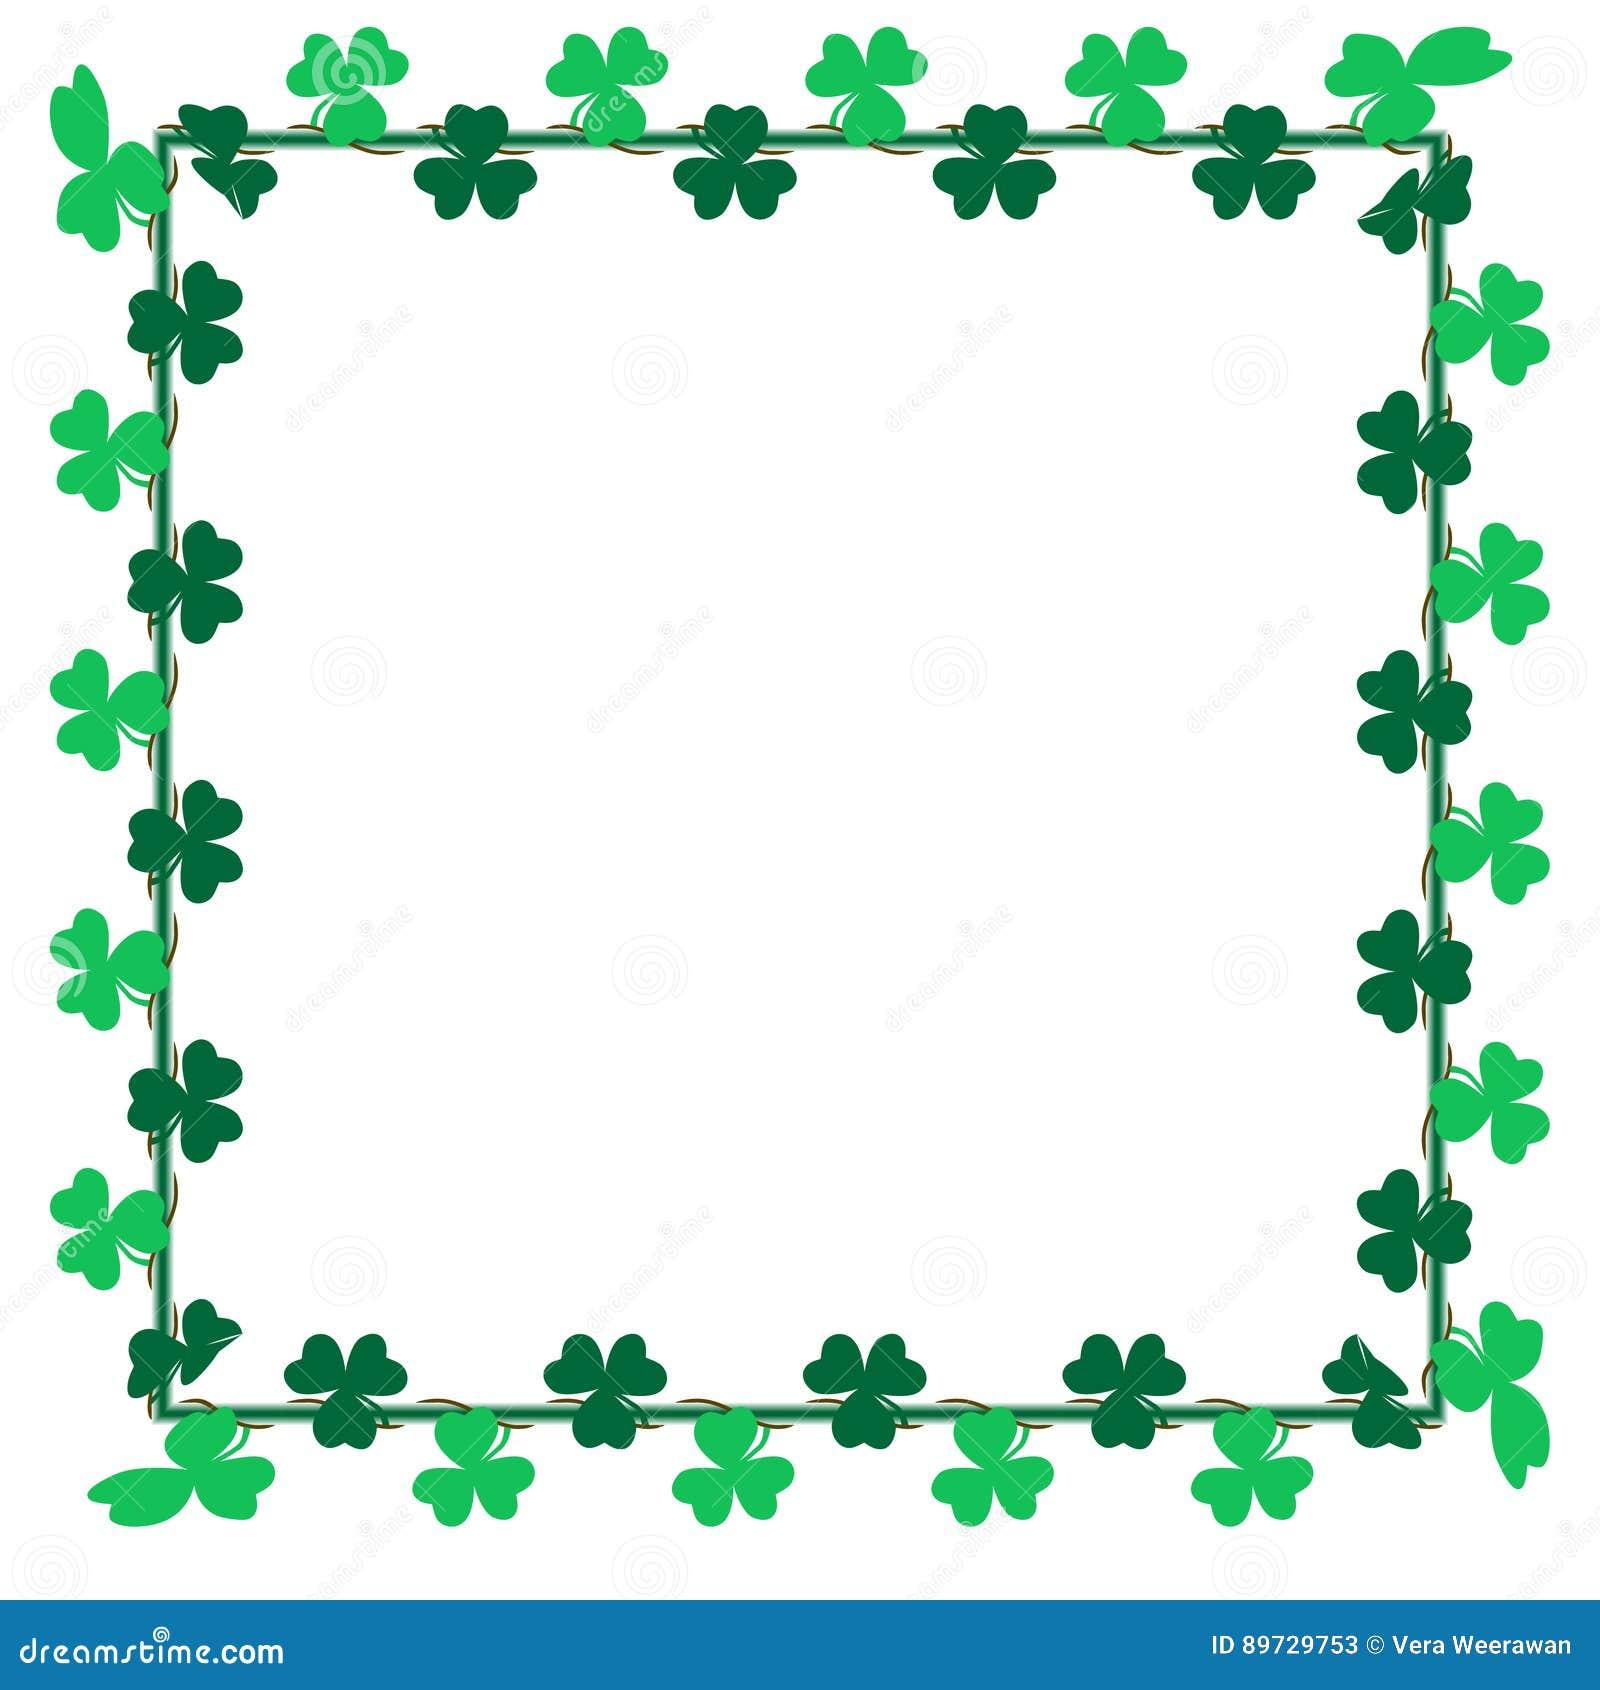 Green leaf Shamrock clip art for card, background and backdrop decoration